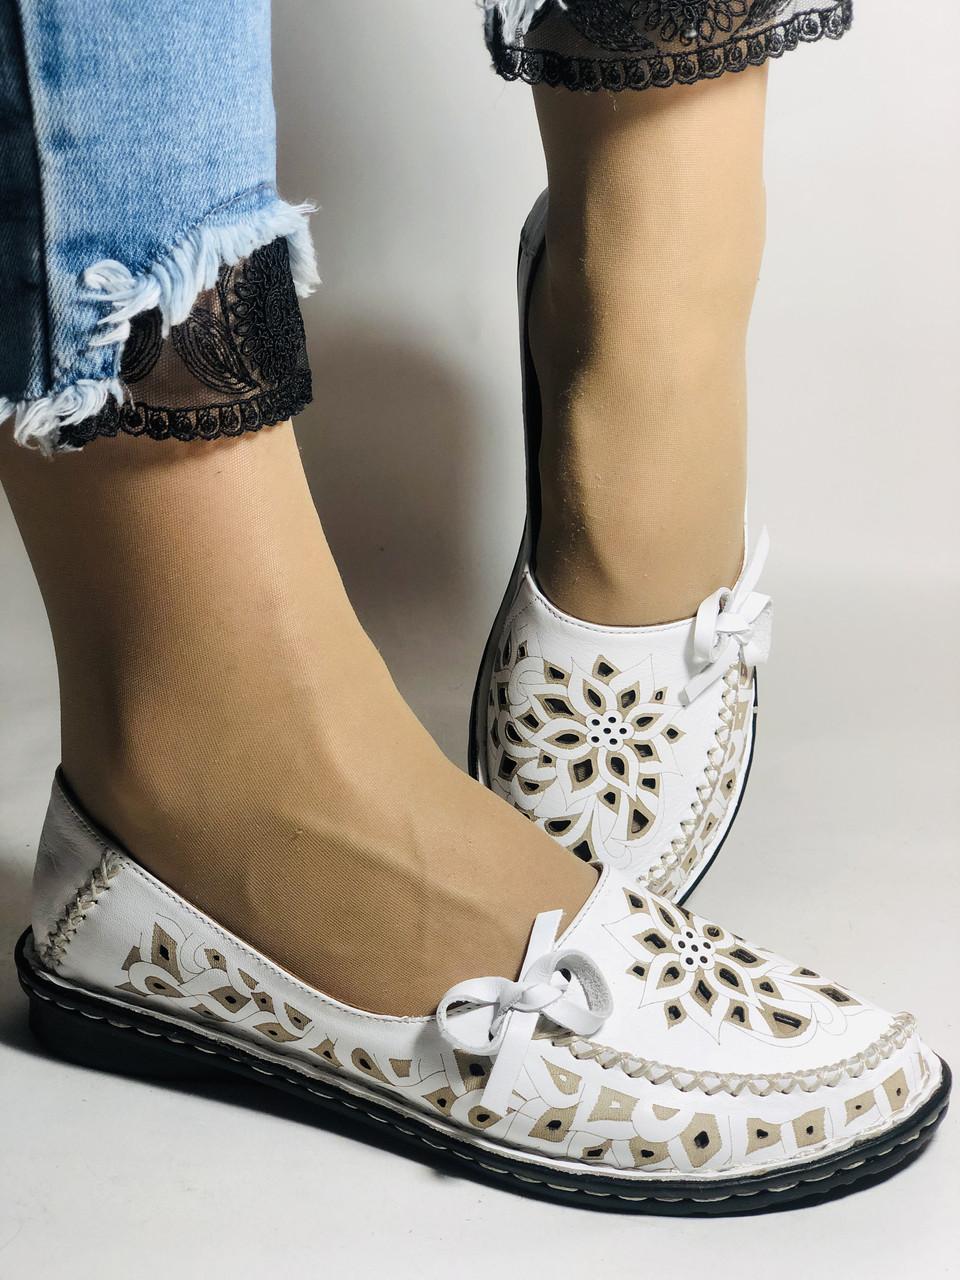 Удобные! Женские туфли -балетки из натуральной кожи.Турция.36. 37.38, 39, 40 Супер комфорт.Vellena